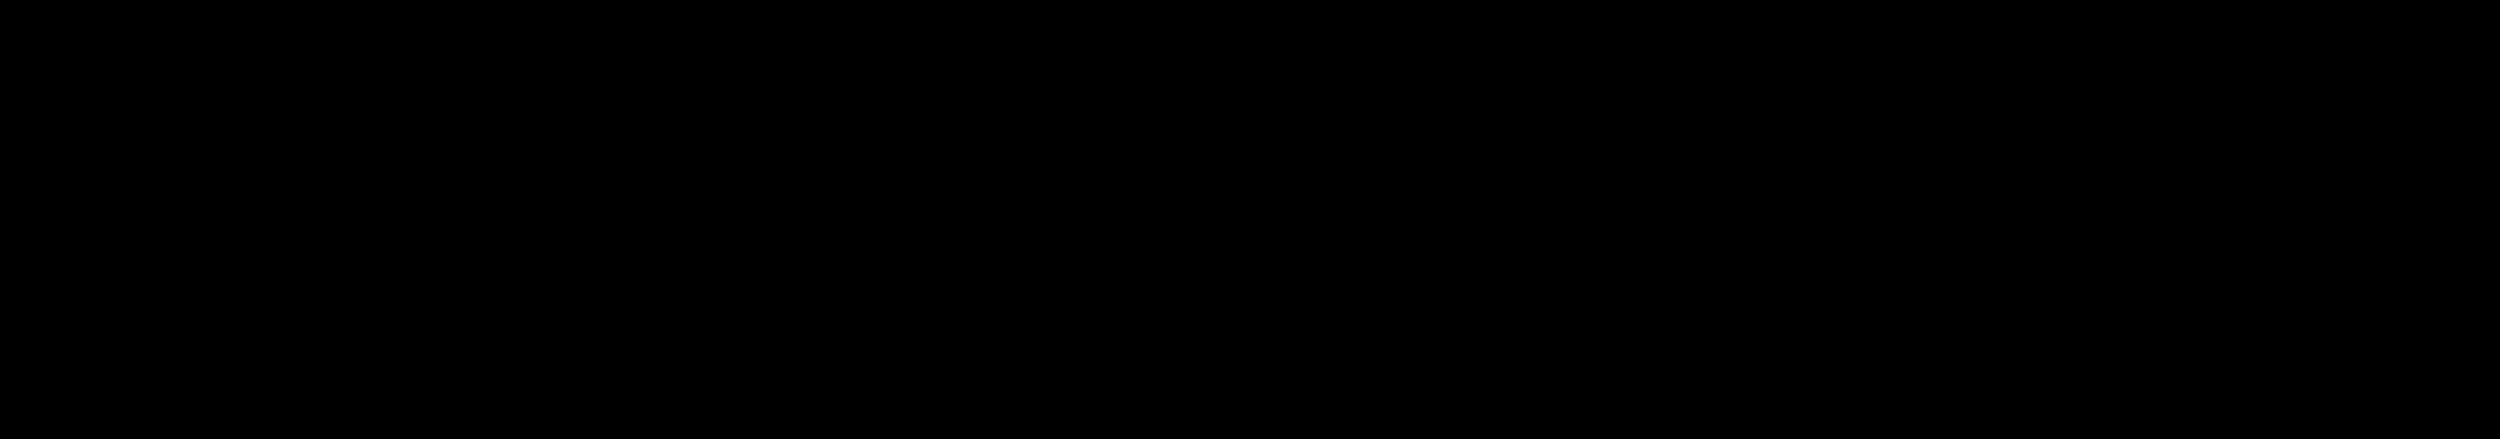 LogowithLotus%22O%22_Black.png